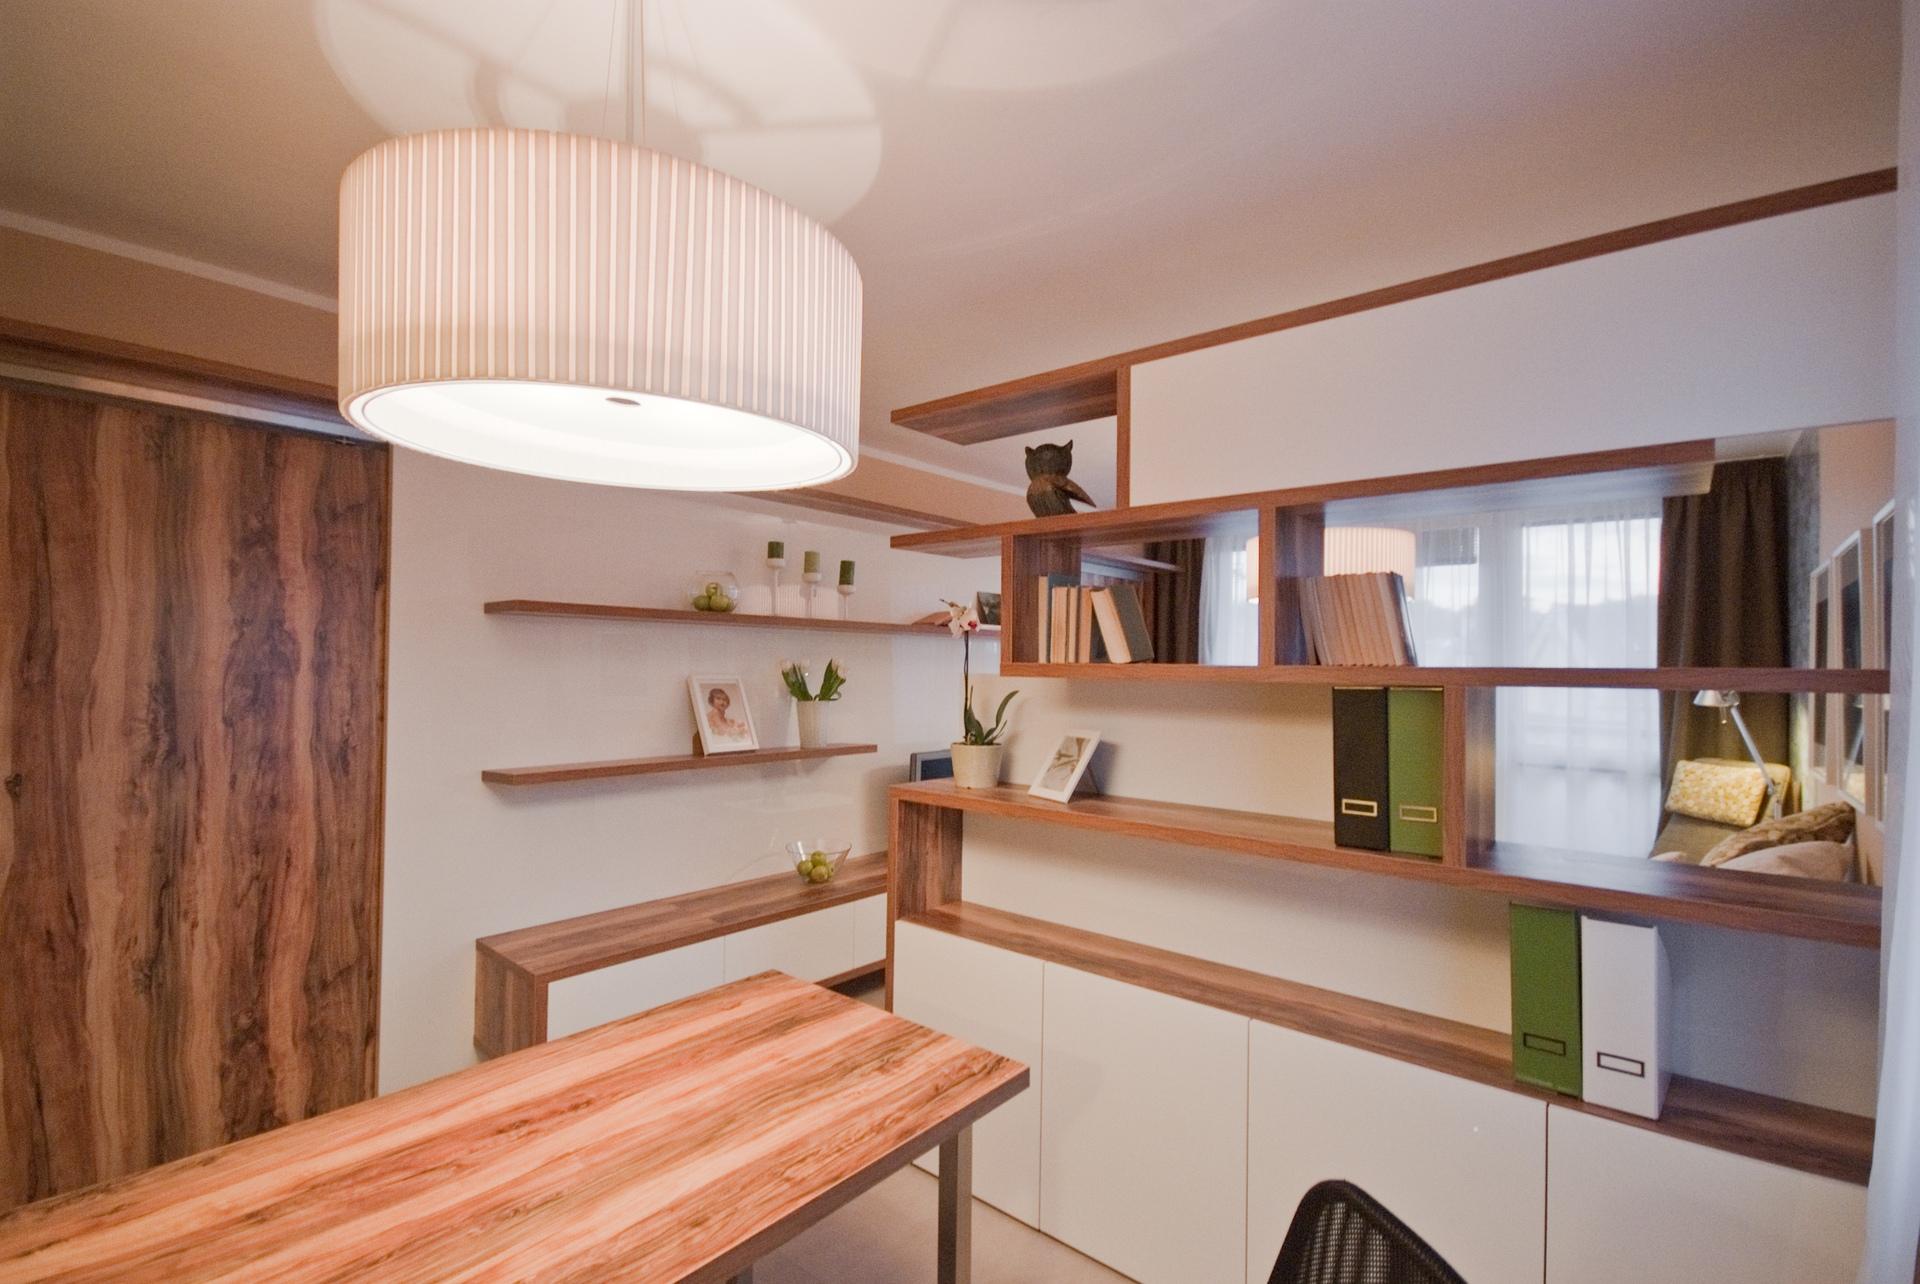 jak se staví sen - obývací pokoj s pracovním koutem 5